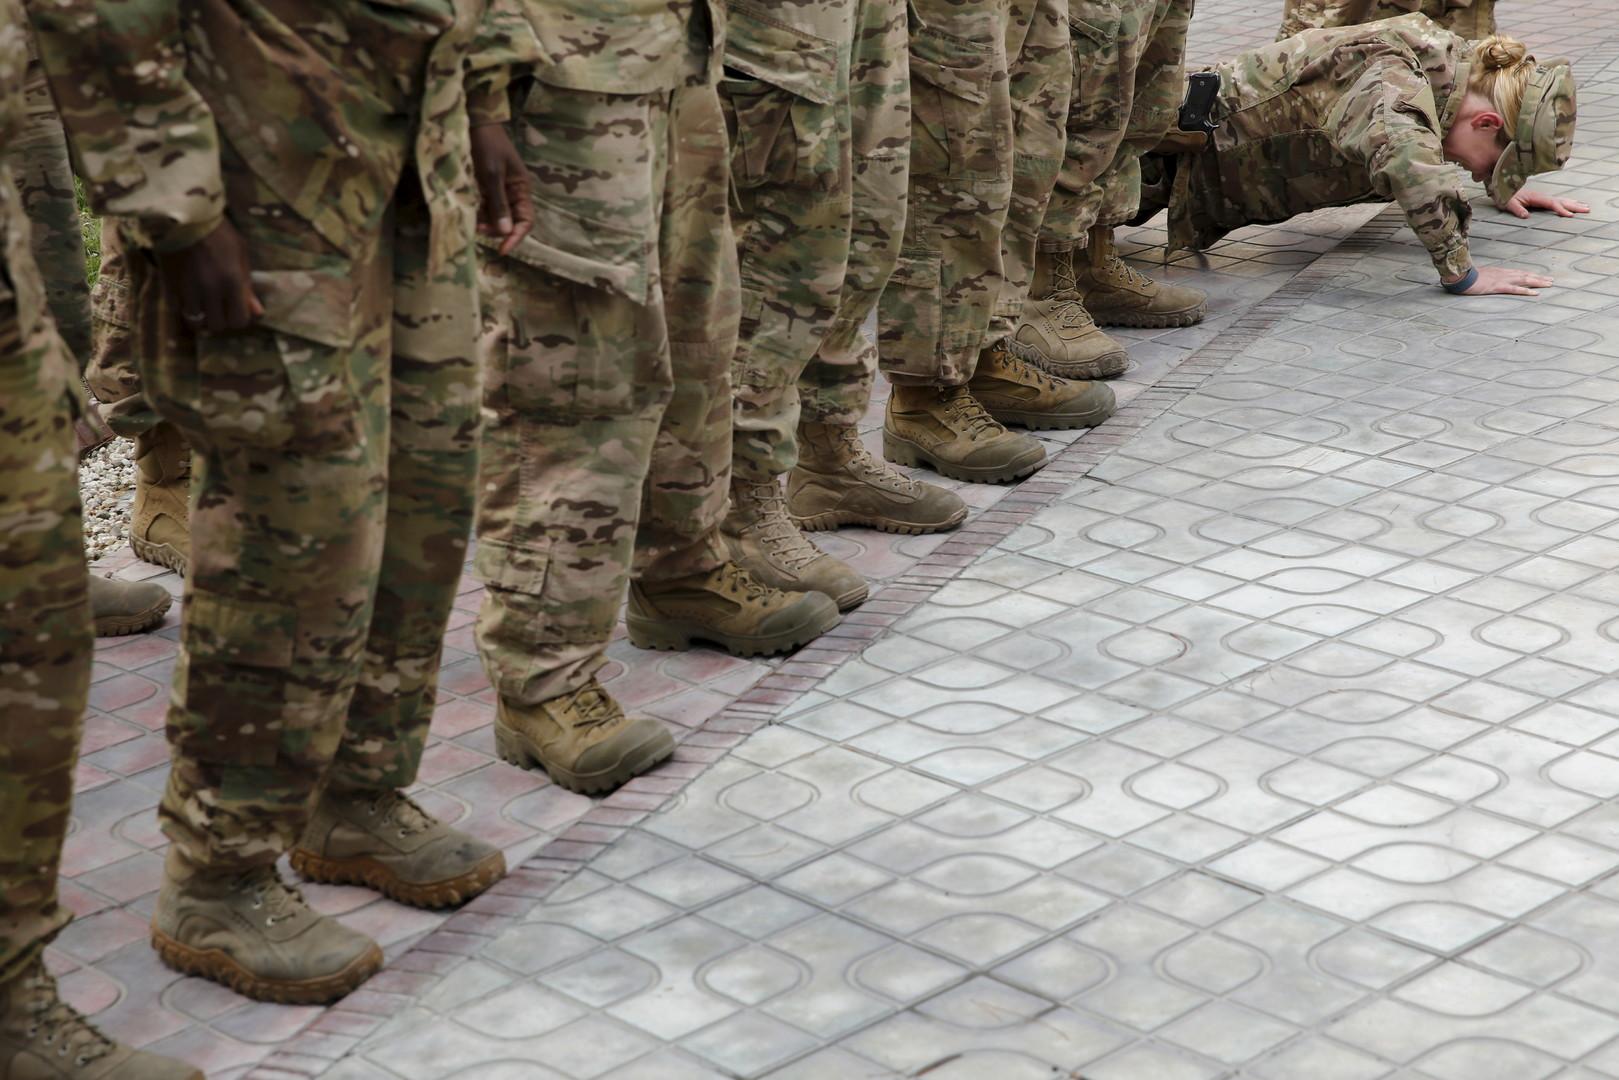 Барак Обама оставляет в Афганистане 8,4 тыс. солдат до 2017 года